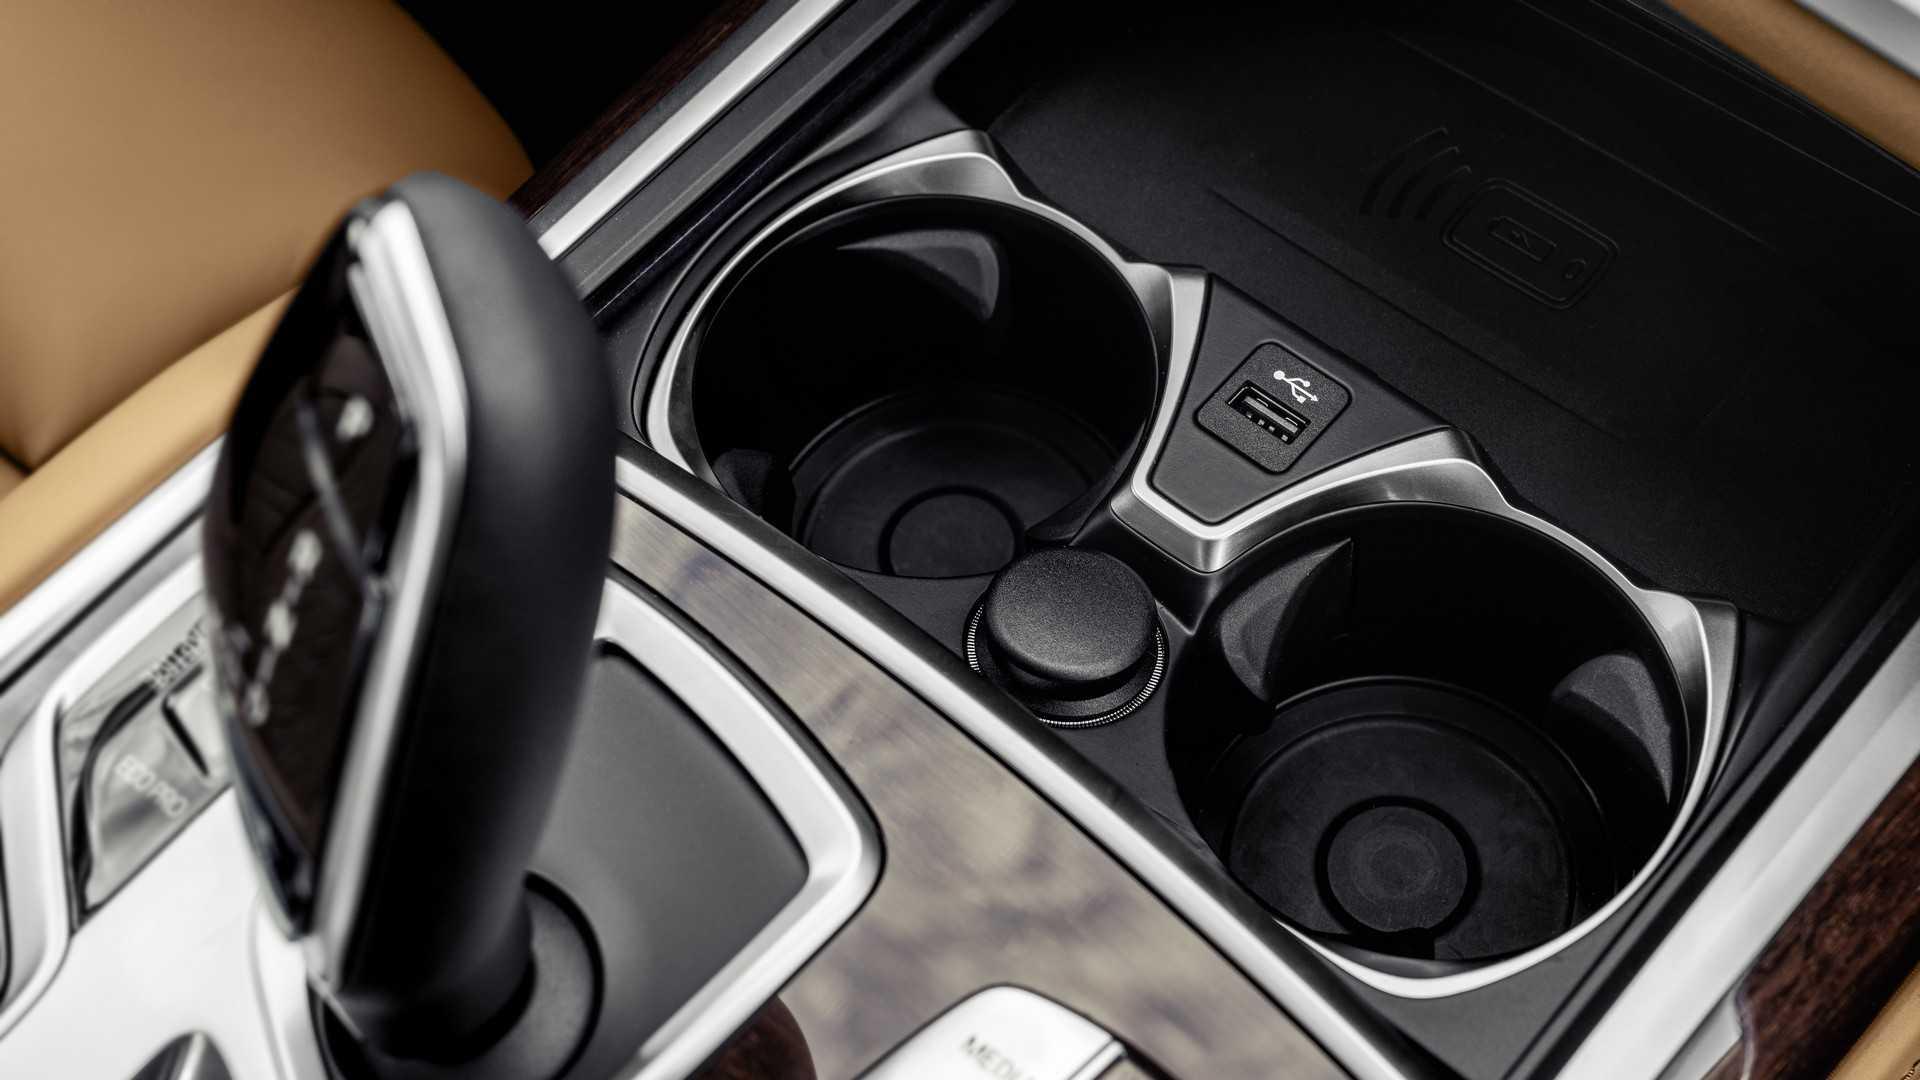 BMW 7 Series thế hệ mới sẽ có thêm bản chạy điện hoàn toàn - 32